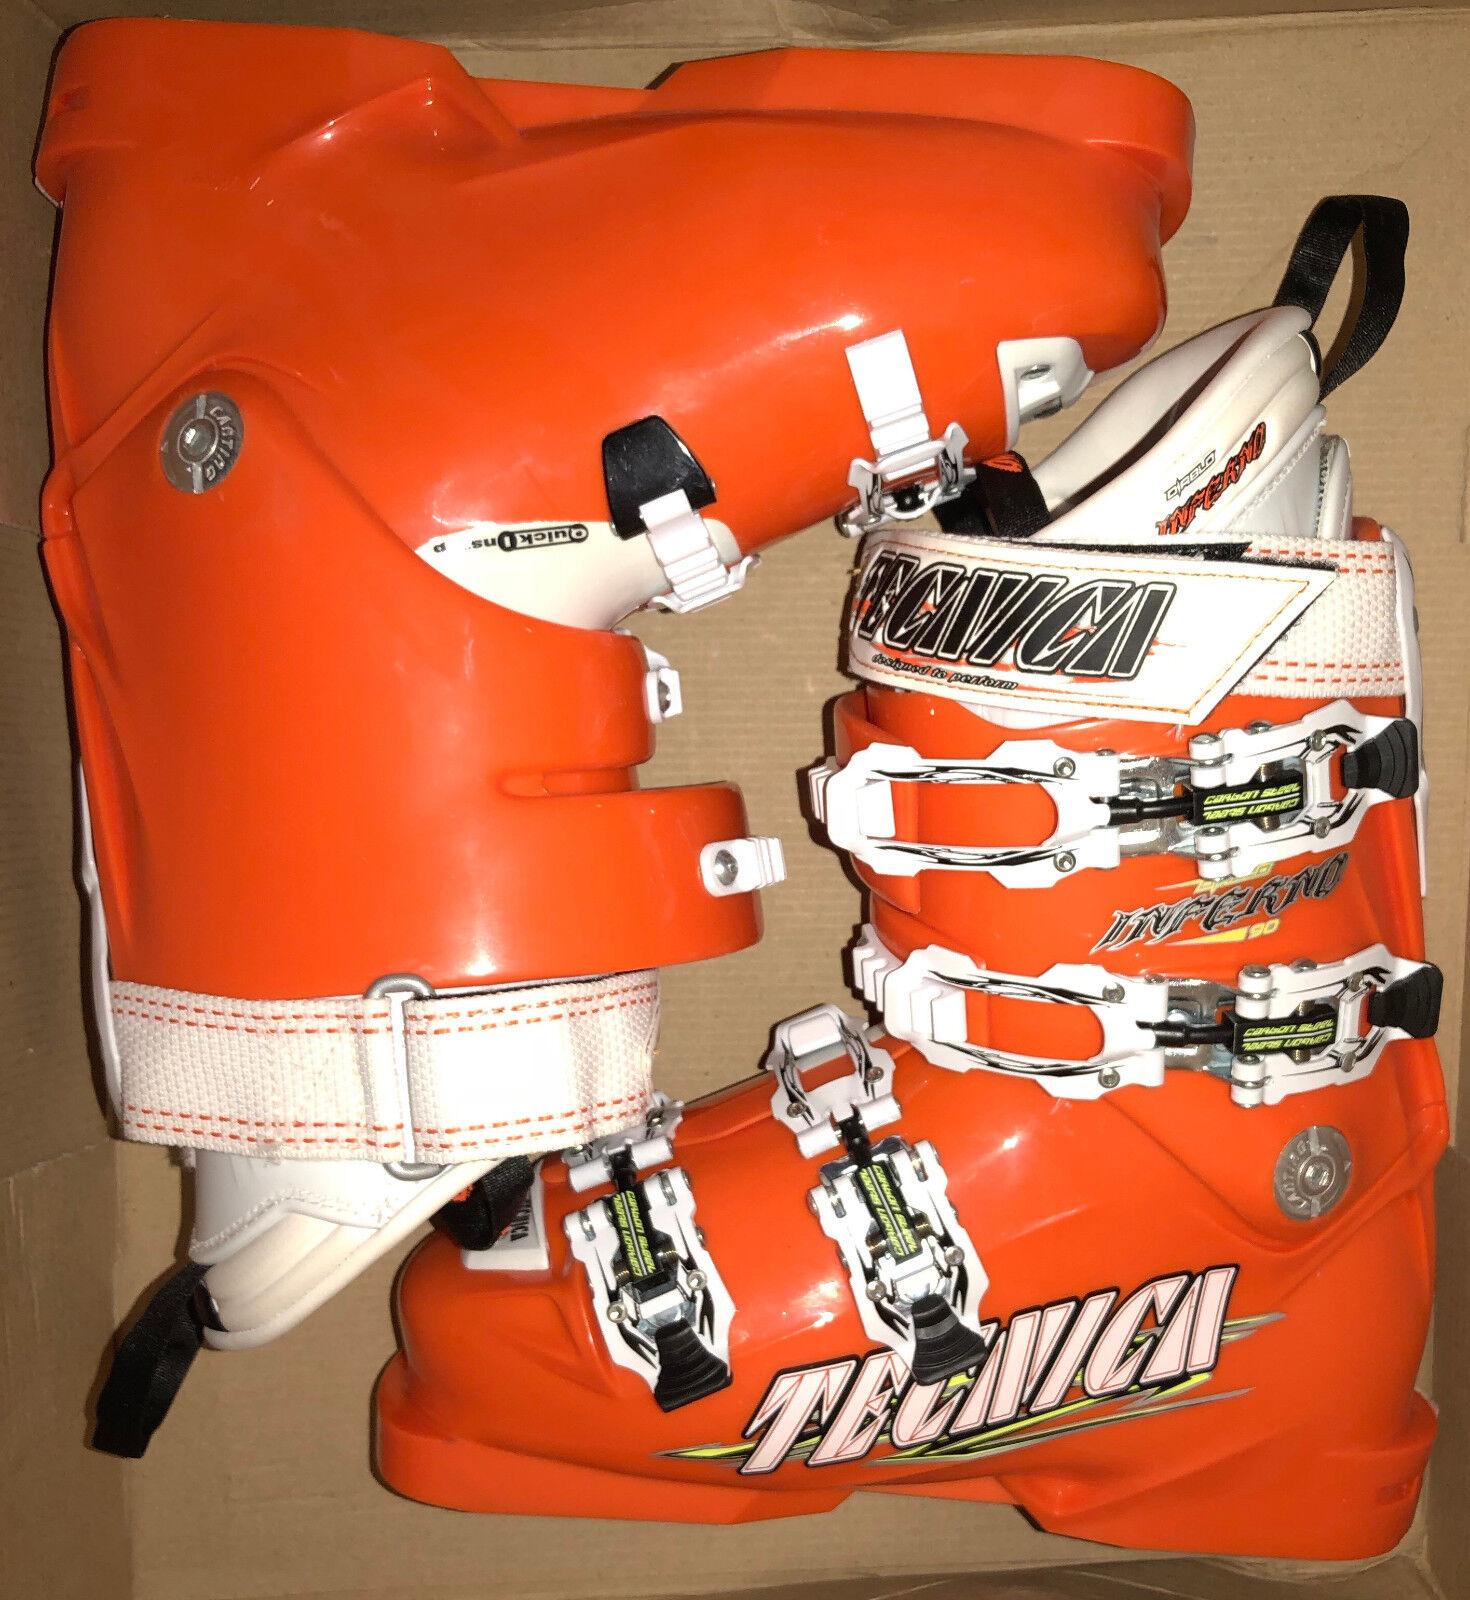 New Tecnica Diablo Inferno 90 junior ski boots, mondo 23 or 23.5 options